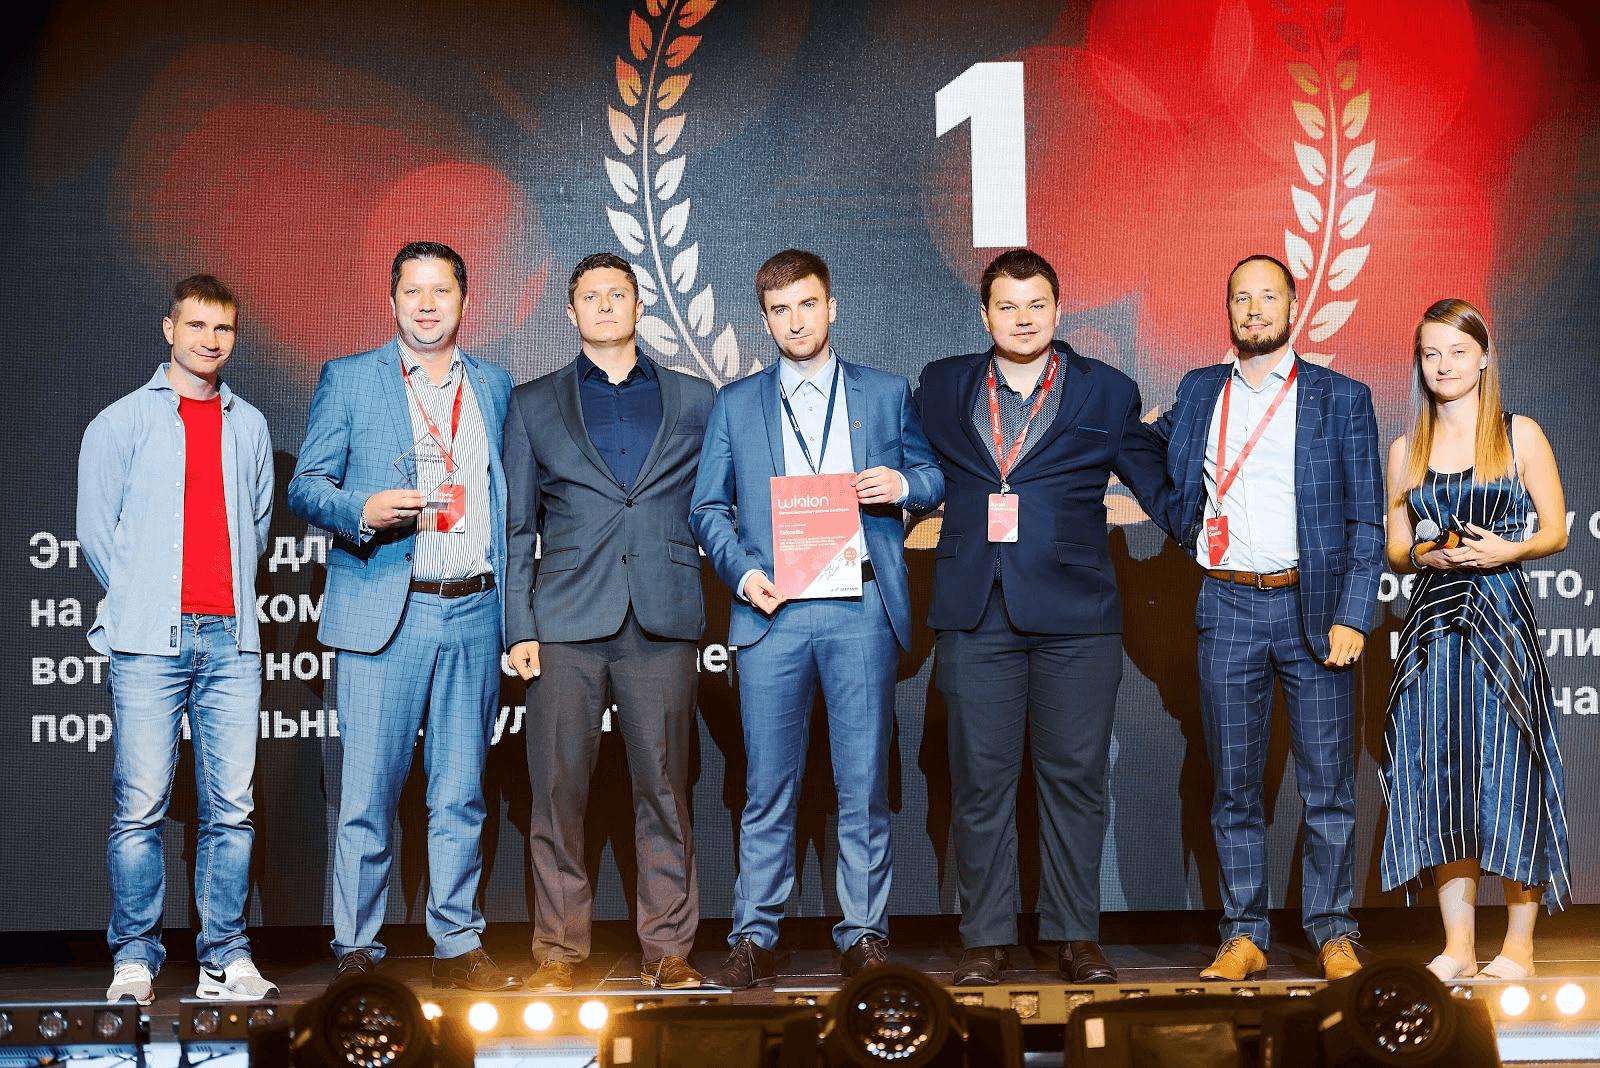 Teltonika team